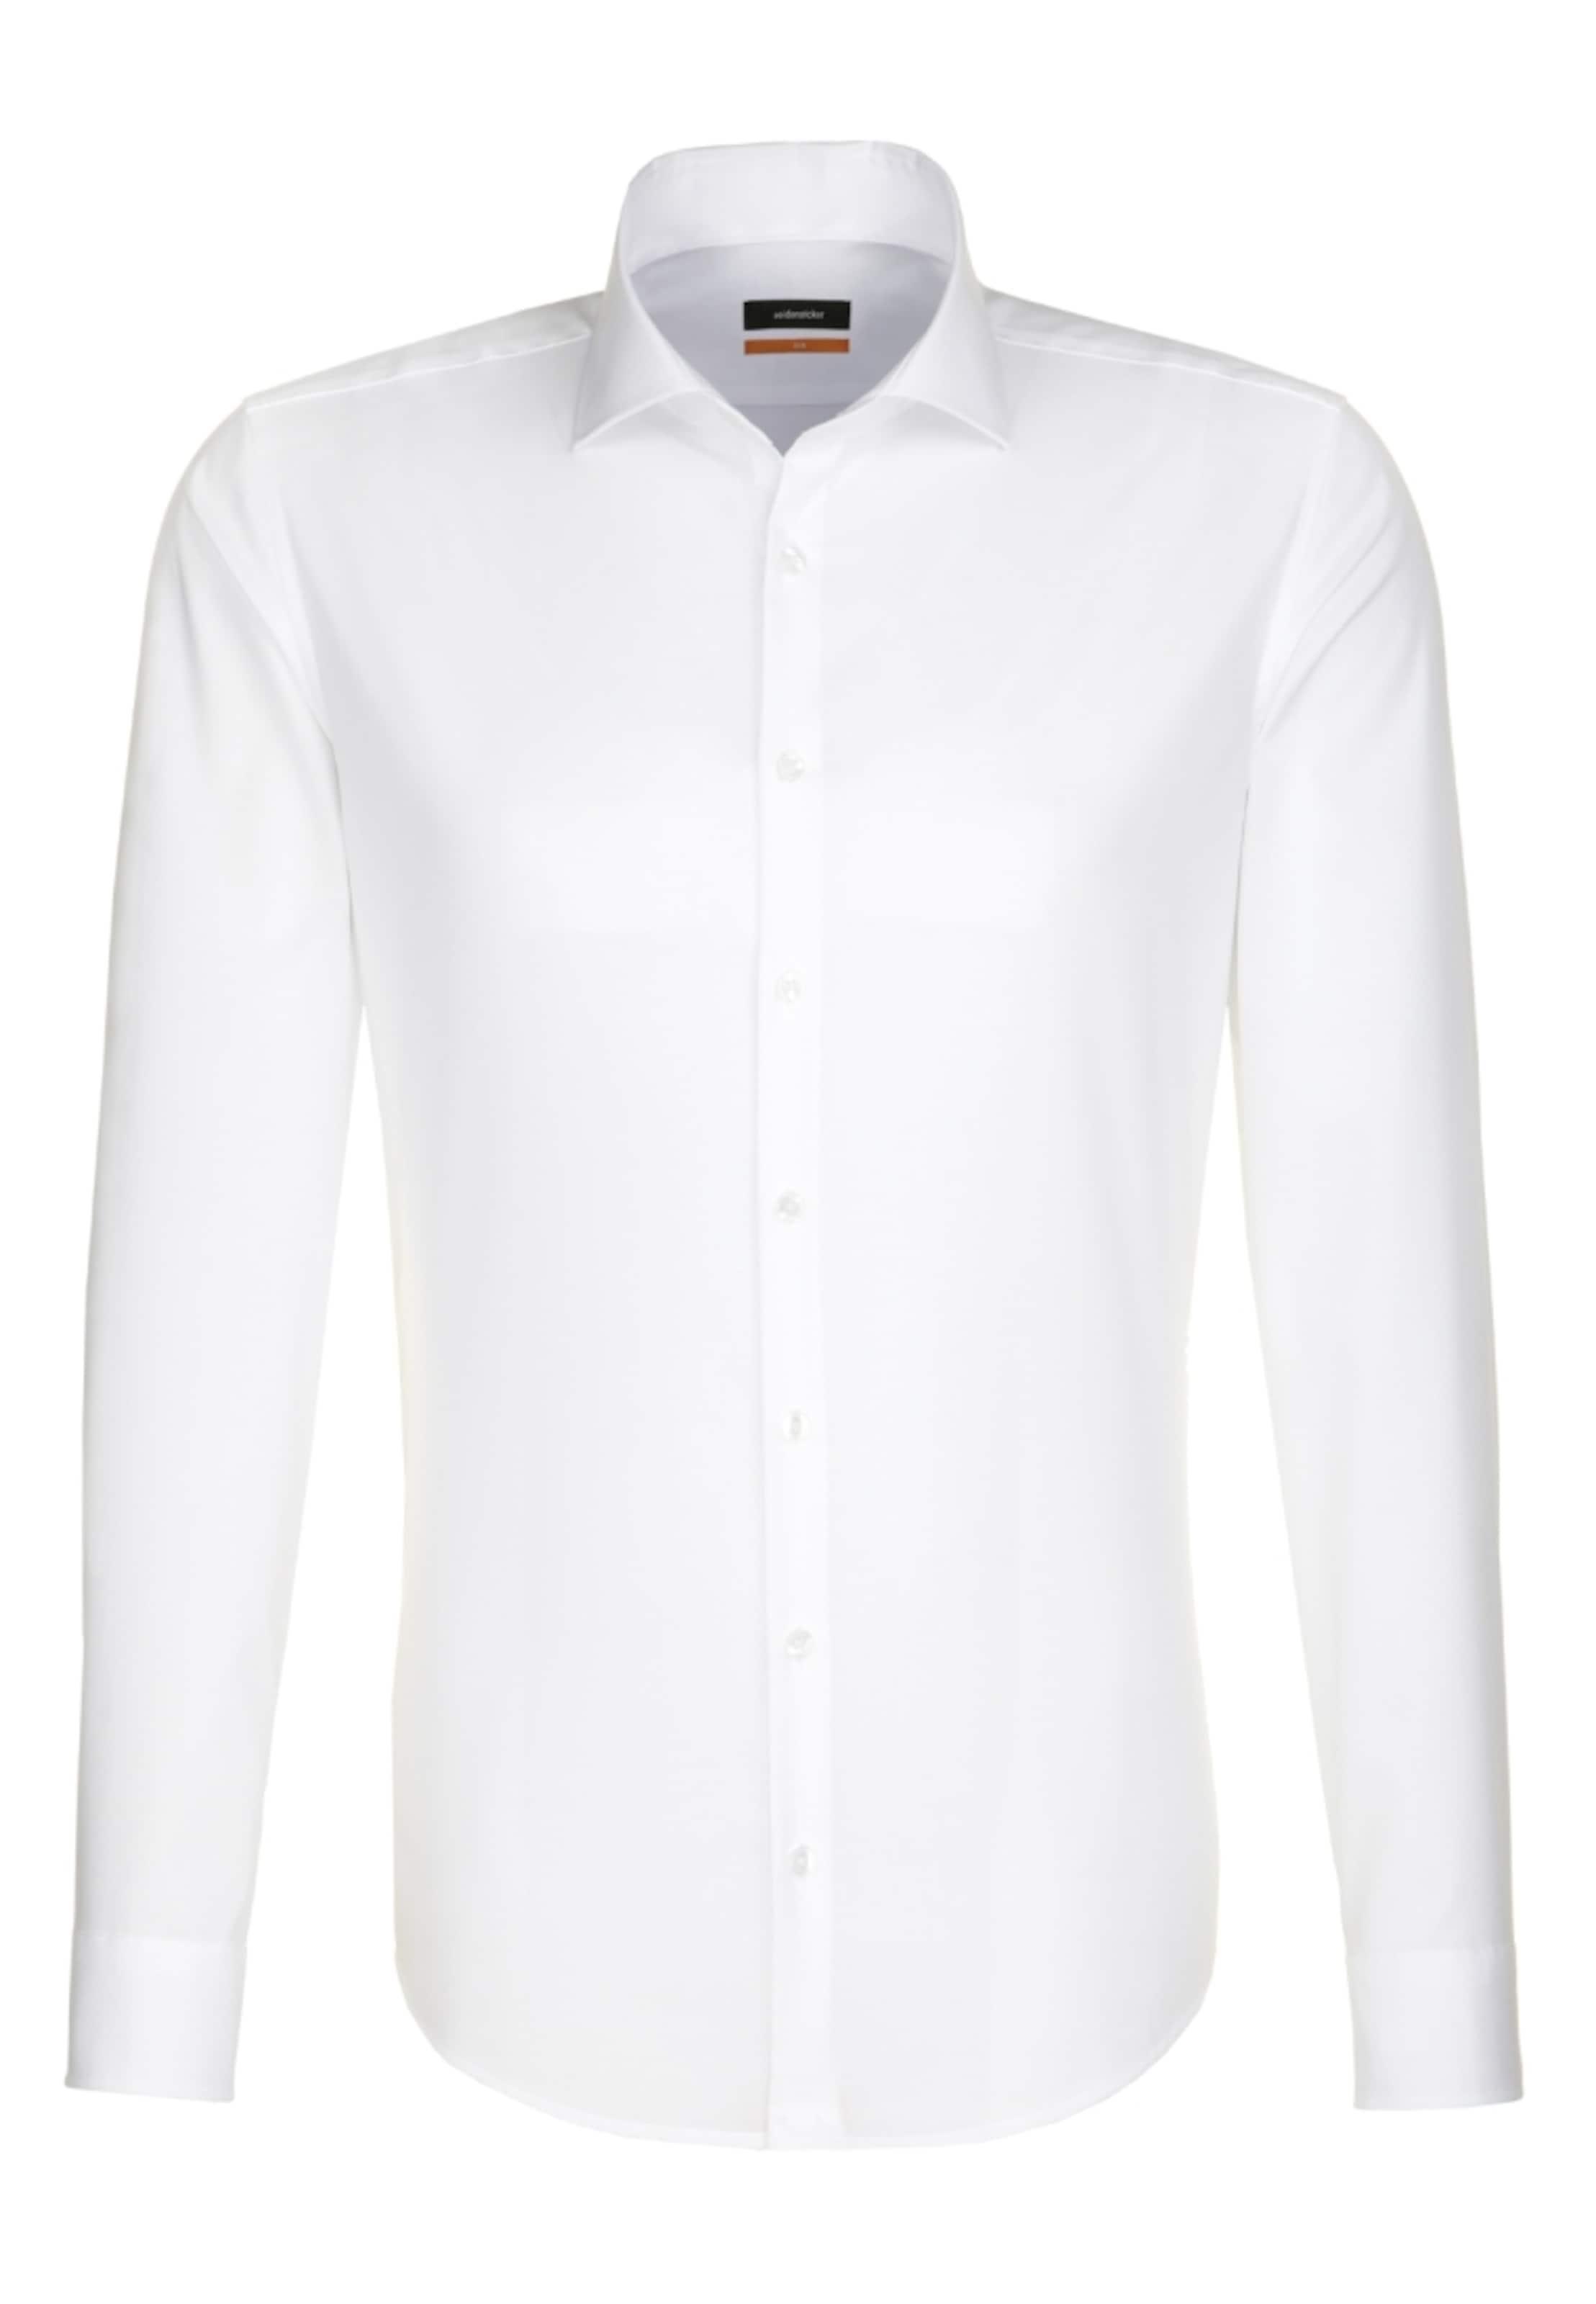 Rabatt Zuverlässig SEIDENSTICKER City-Hemd ' Slim ' Billig Verkauf Schnelle Lieferung Zu Verkaufen Authentische Online Kaufen 4bByHDlj1